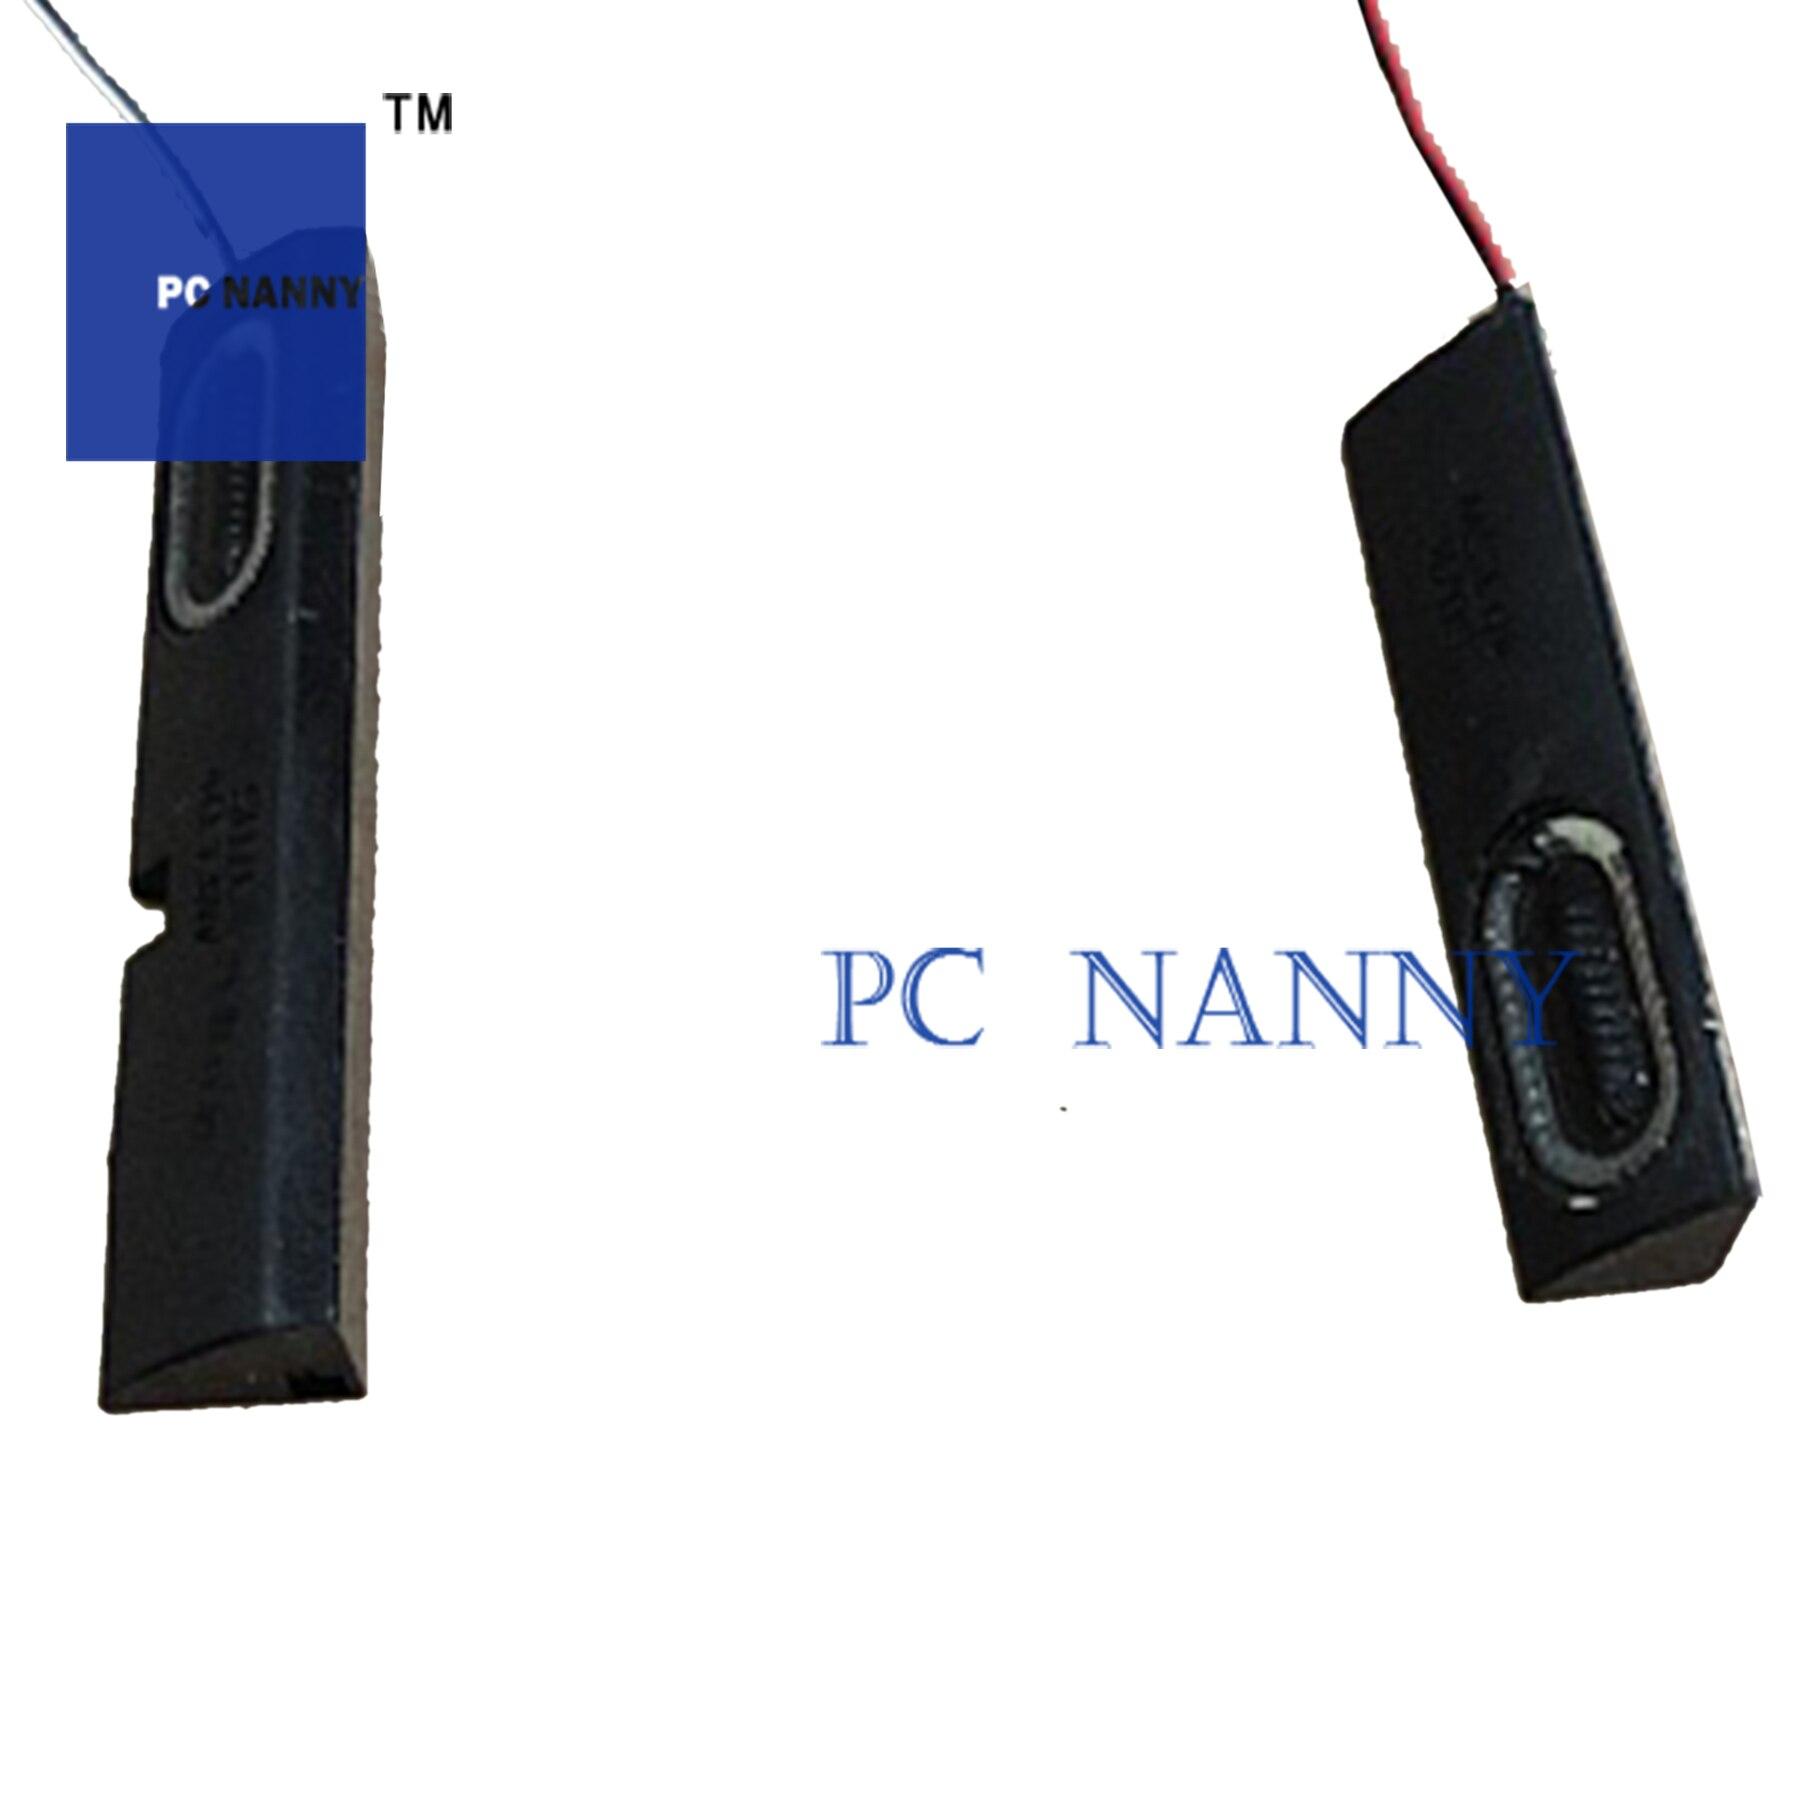 بي سي ناني-مكبرات صوت أسوس, متوافق مع الموديلات ASUS S451 K451L V451LN V451 S451E S451LD